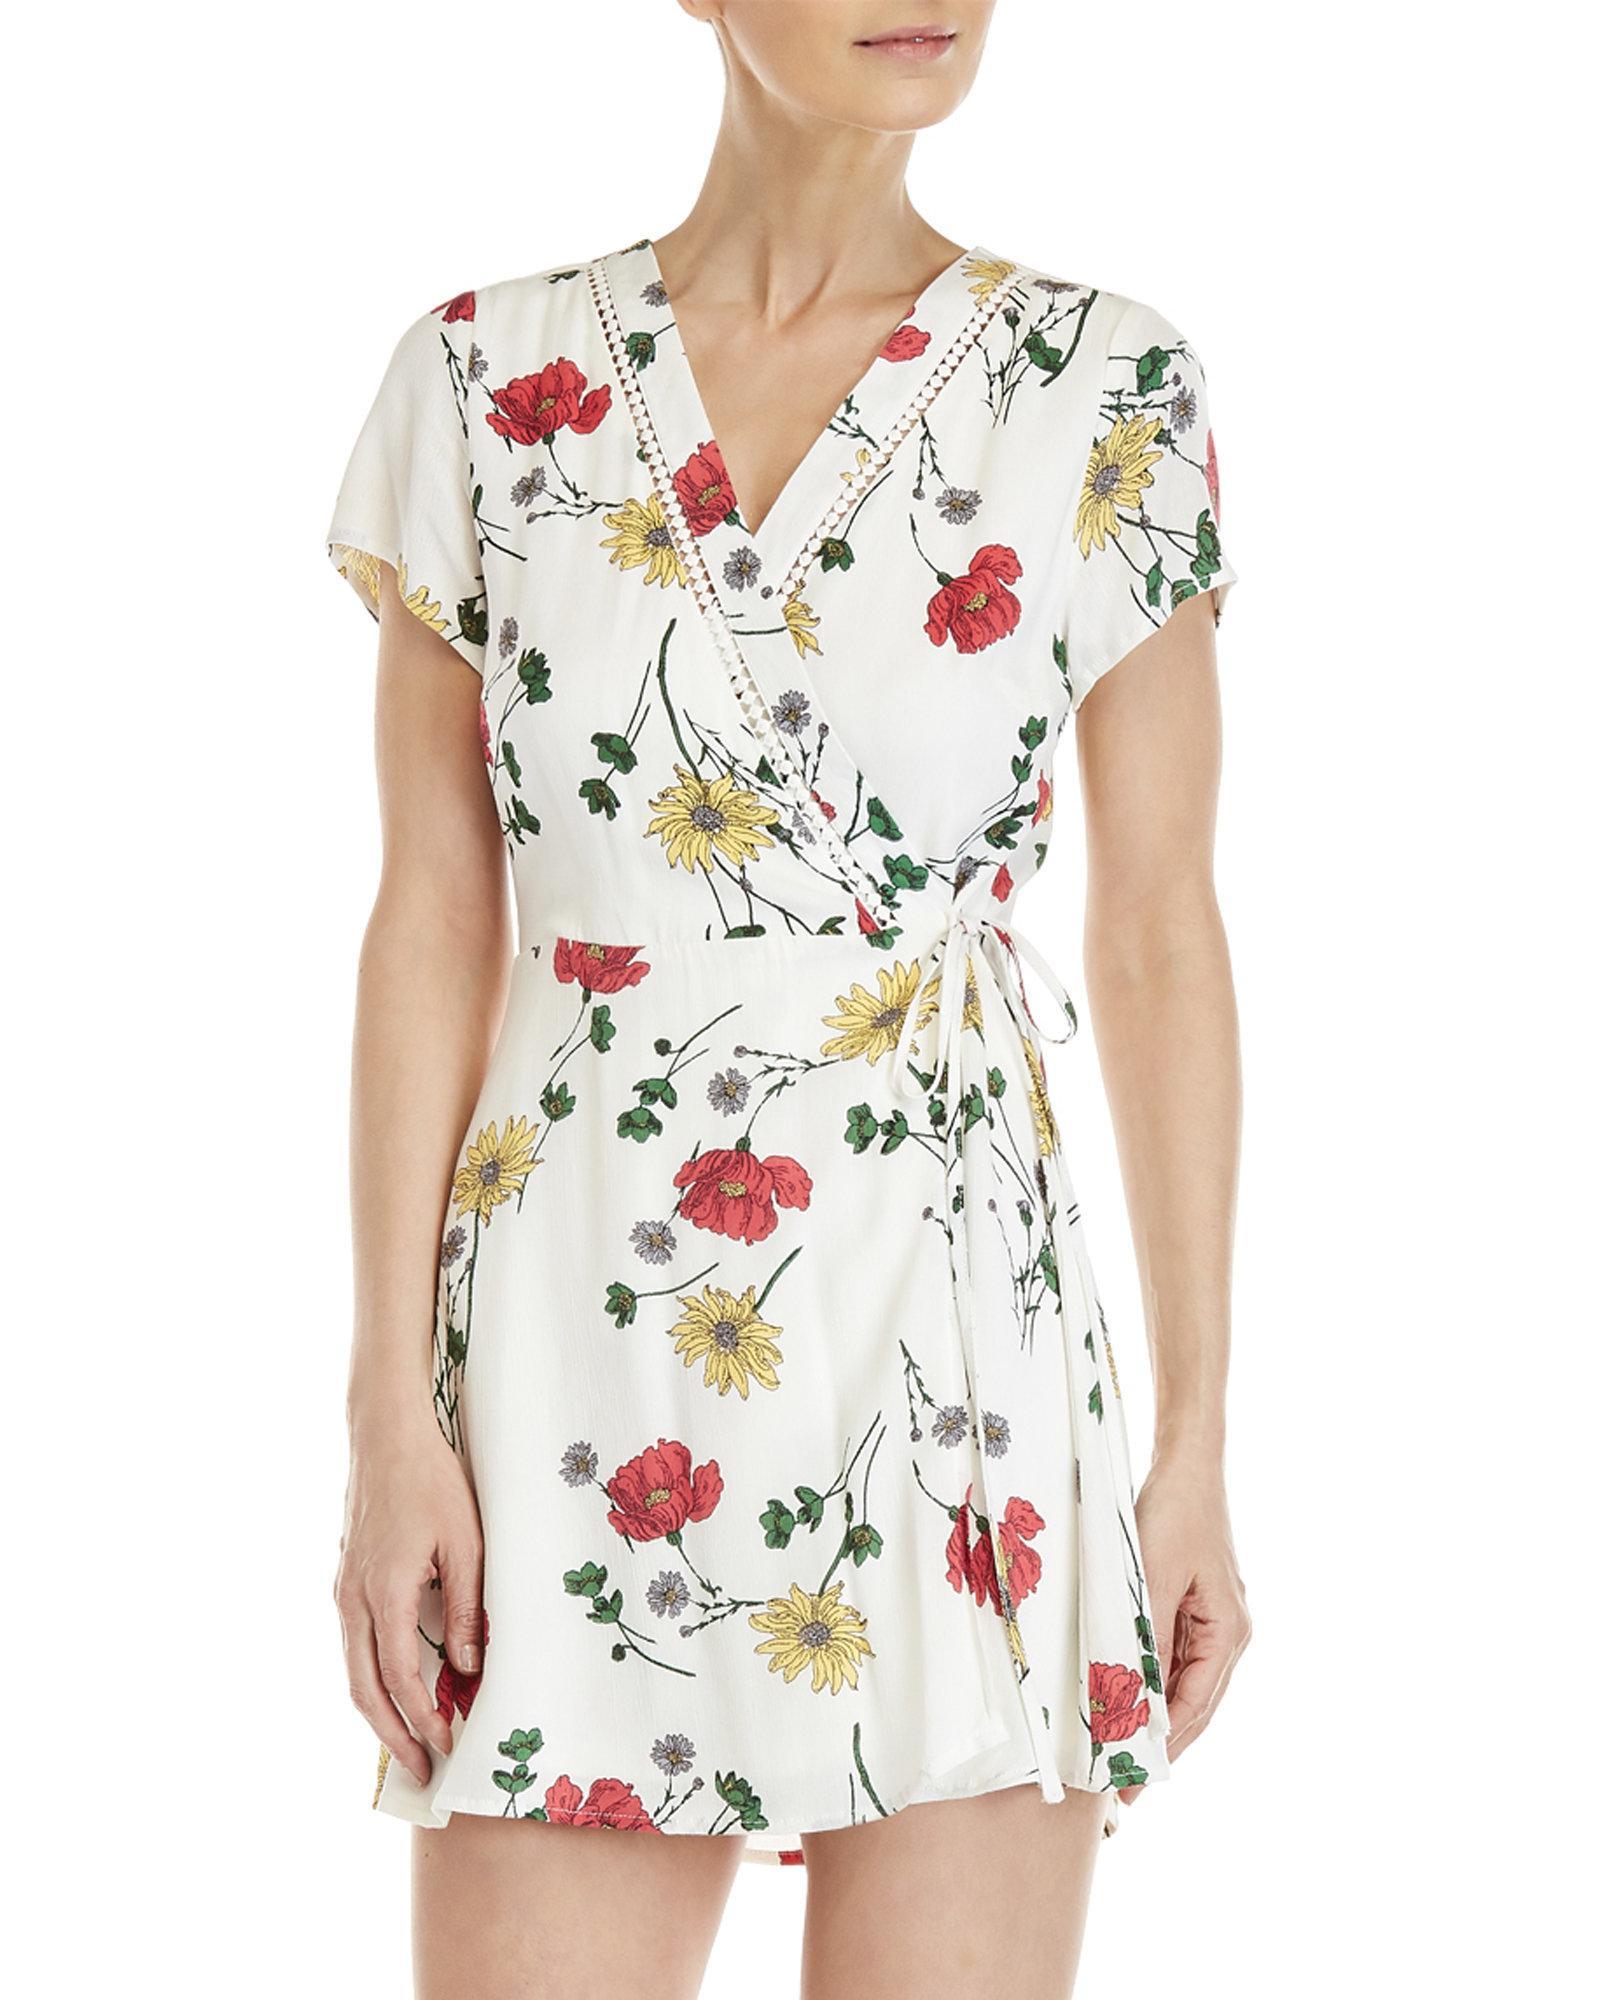 fc57a19d5e0 Lyst - Blu Pepper Floral Wrap Dress in White